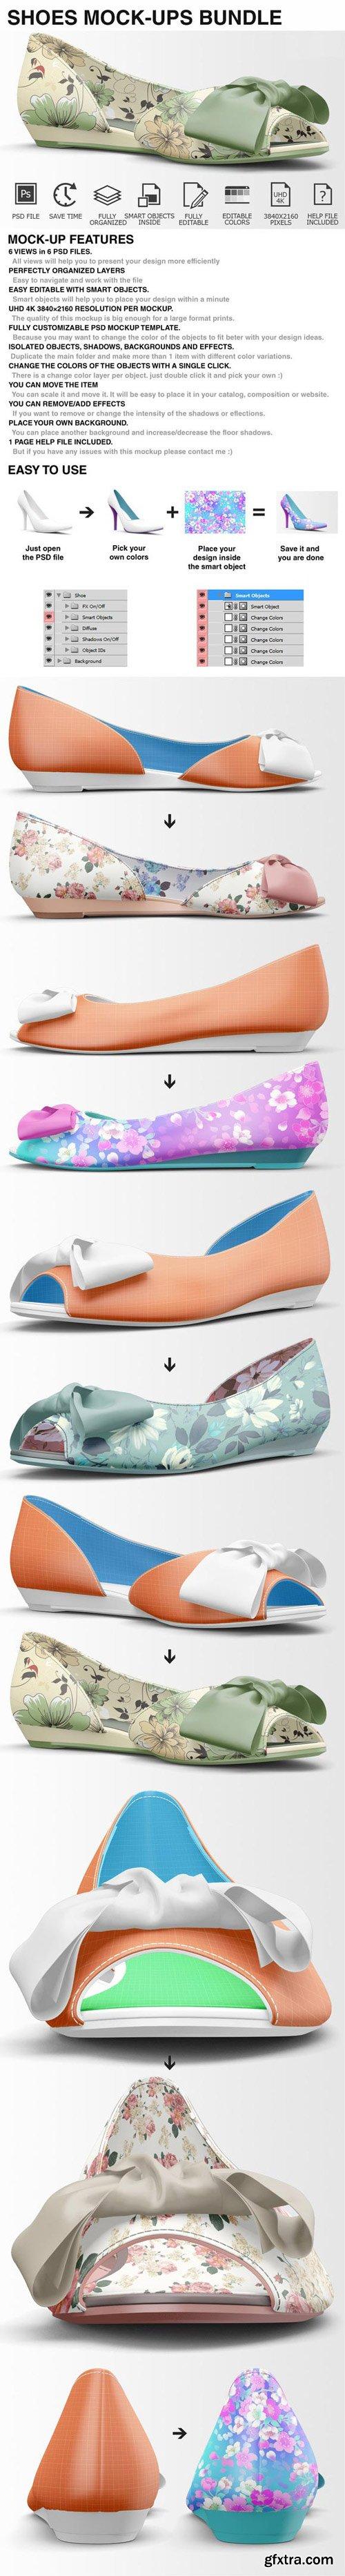 CM - Woman Shoes Mockups Bundle 401878